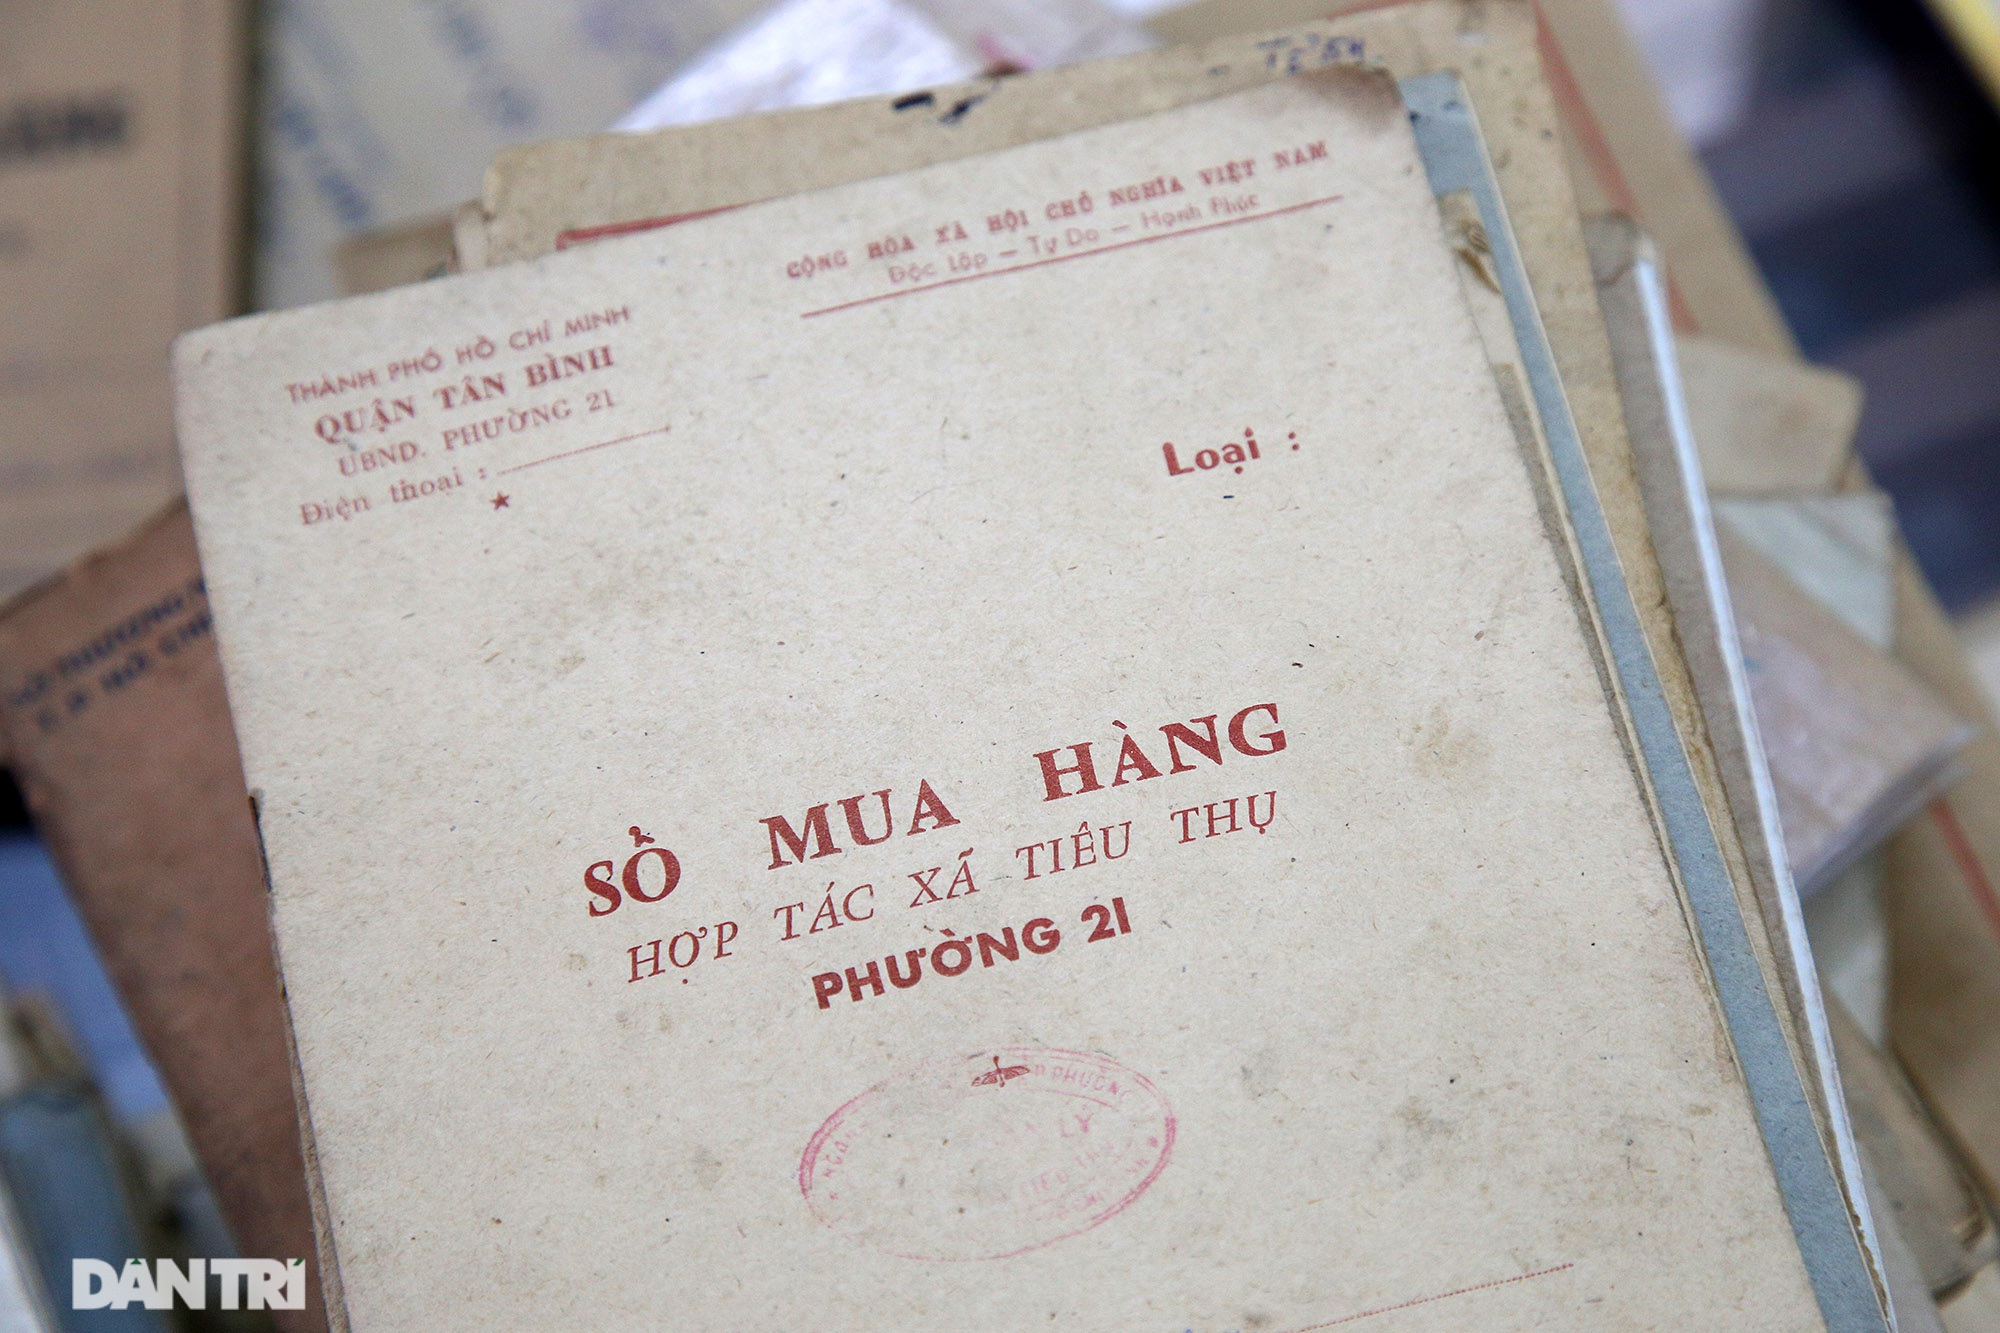 Ký ức gian khó qua bộ sưu tập tem phiếu, sổ gạo thời bao cấp - 5